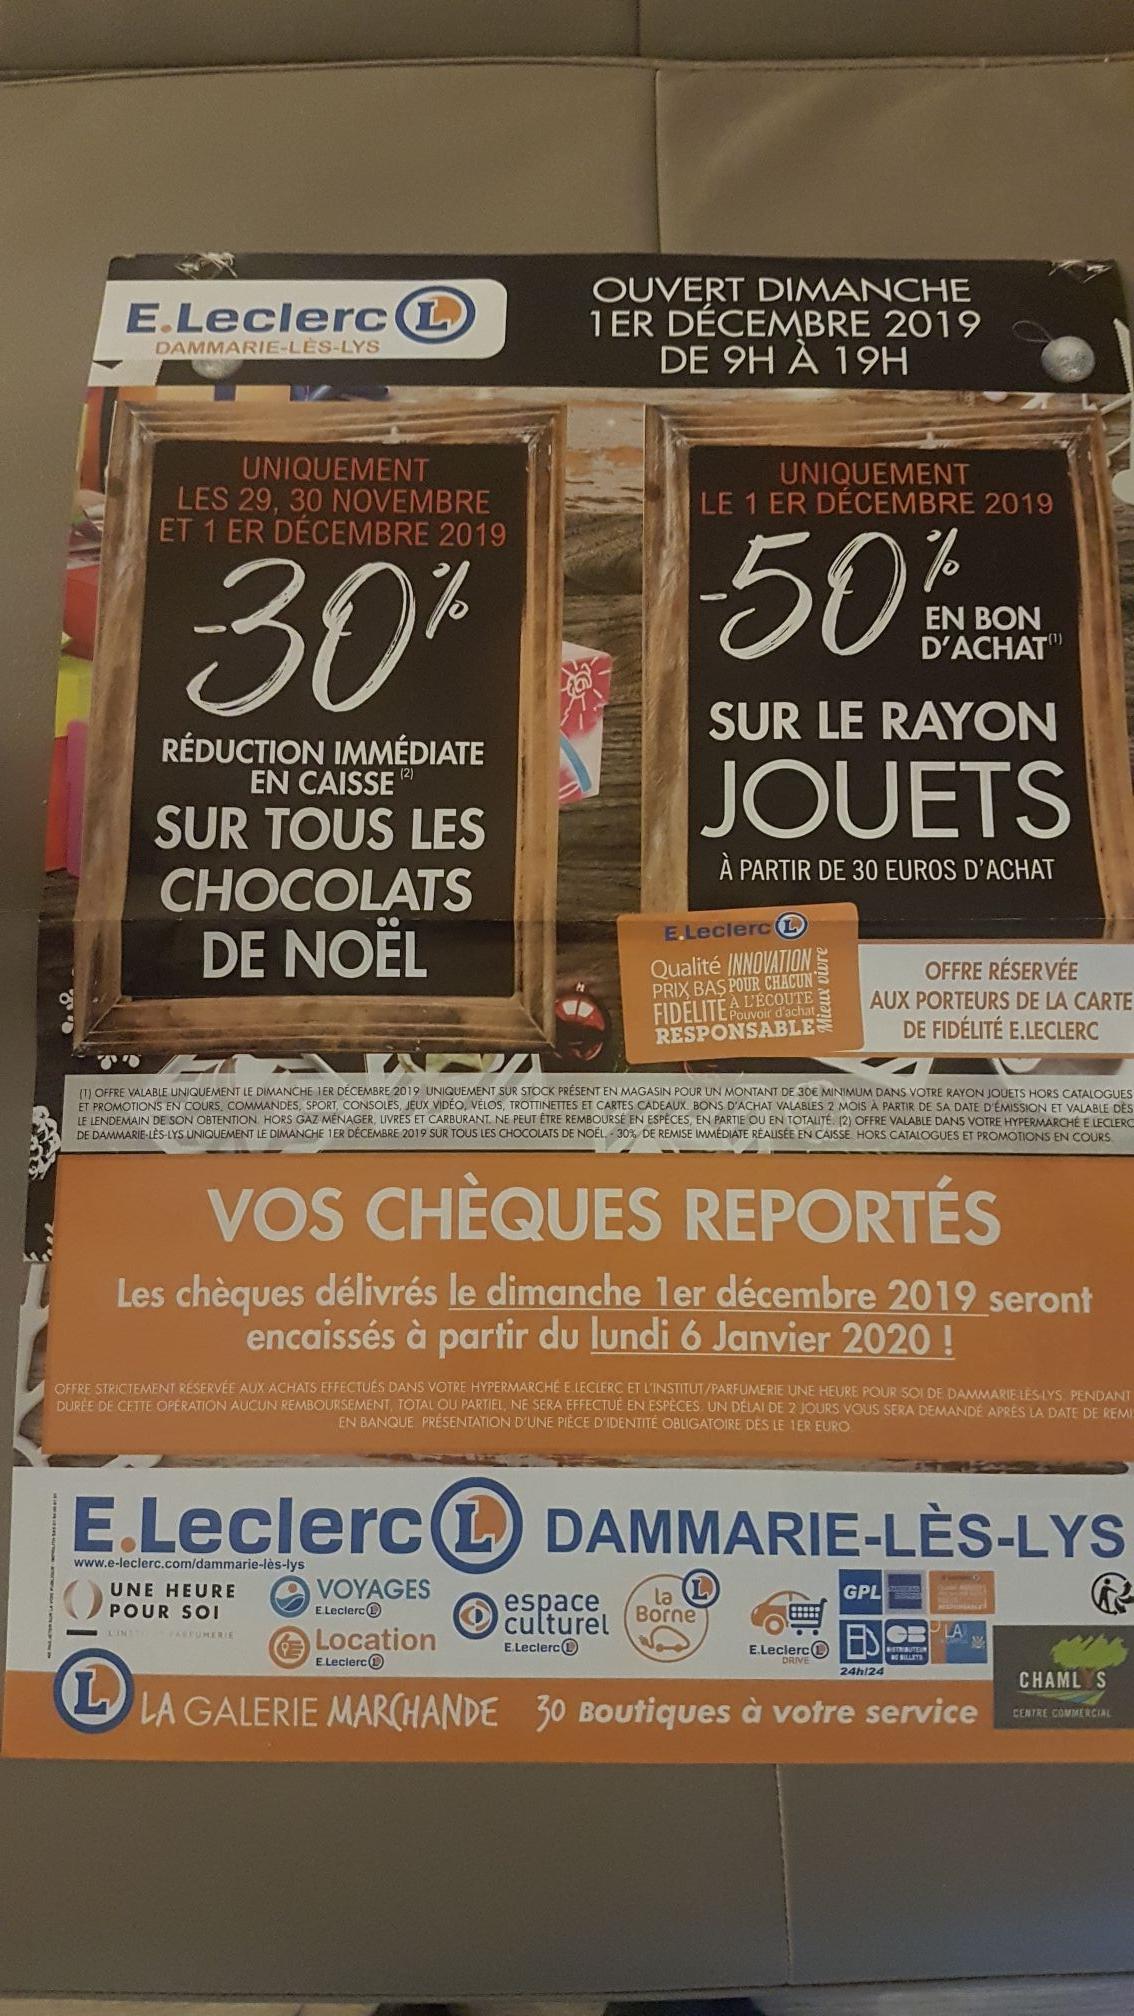 -50% en bon d'achat sur le rayon jouets - Dammarie les lys (77)